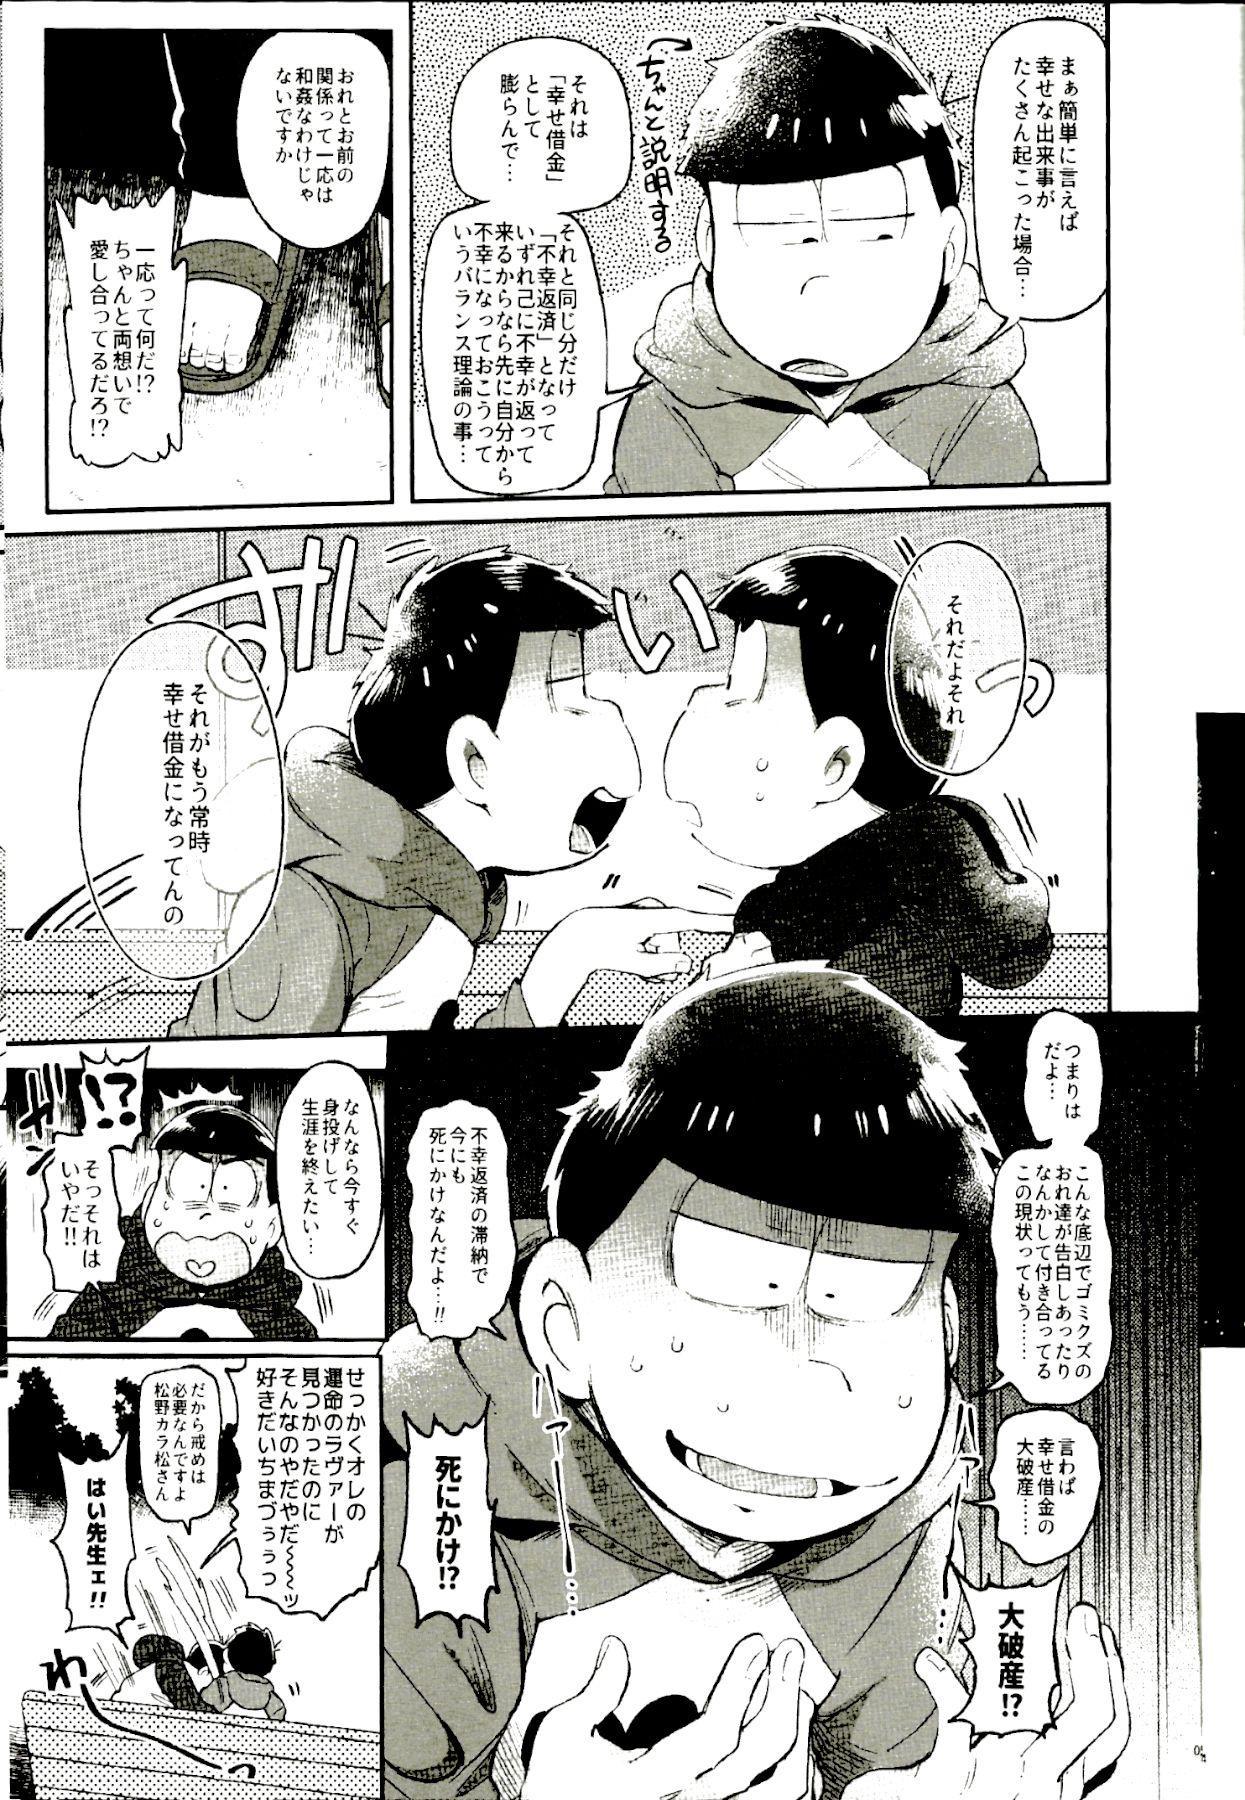 Kore ga Bokura no Imashime Riron 3